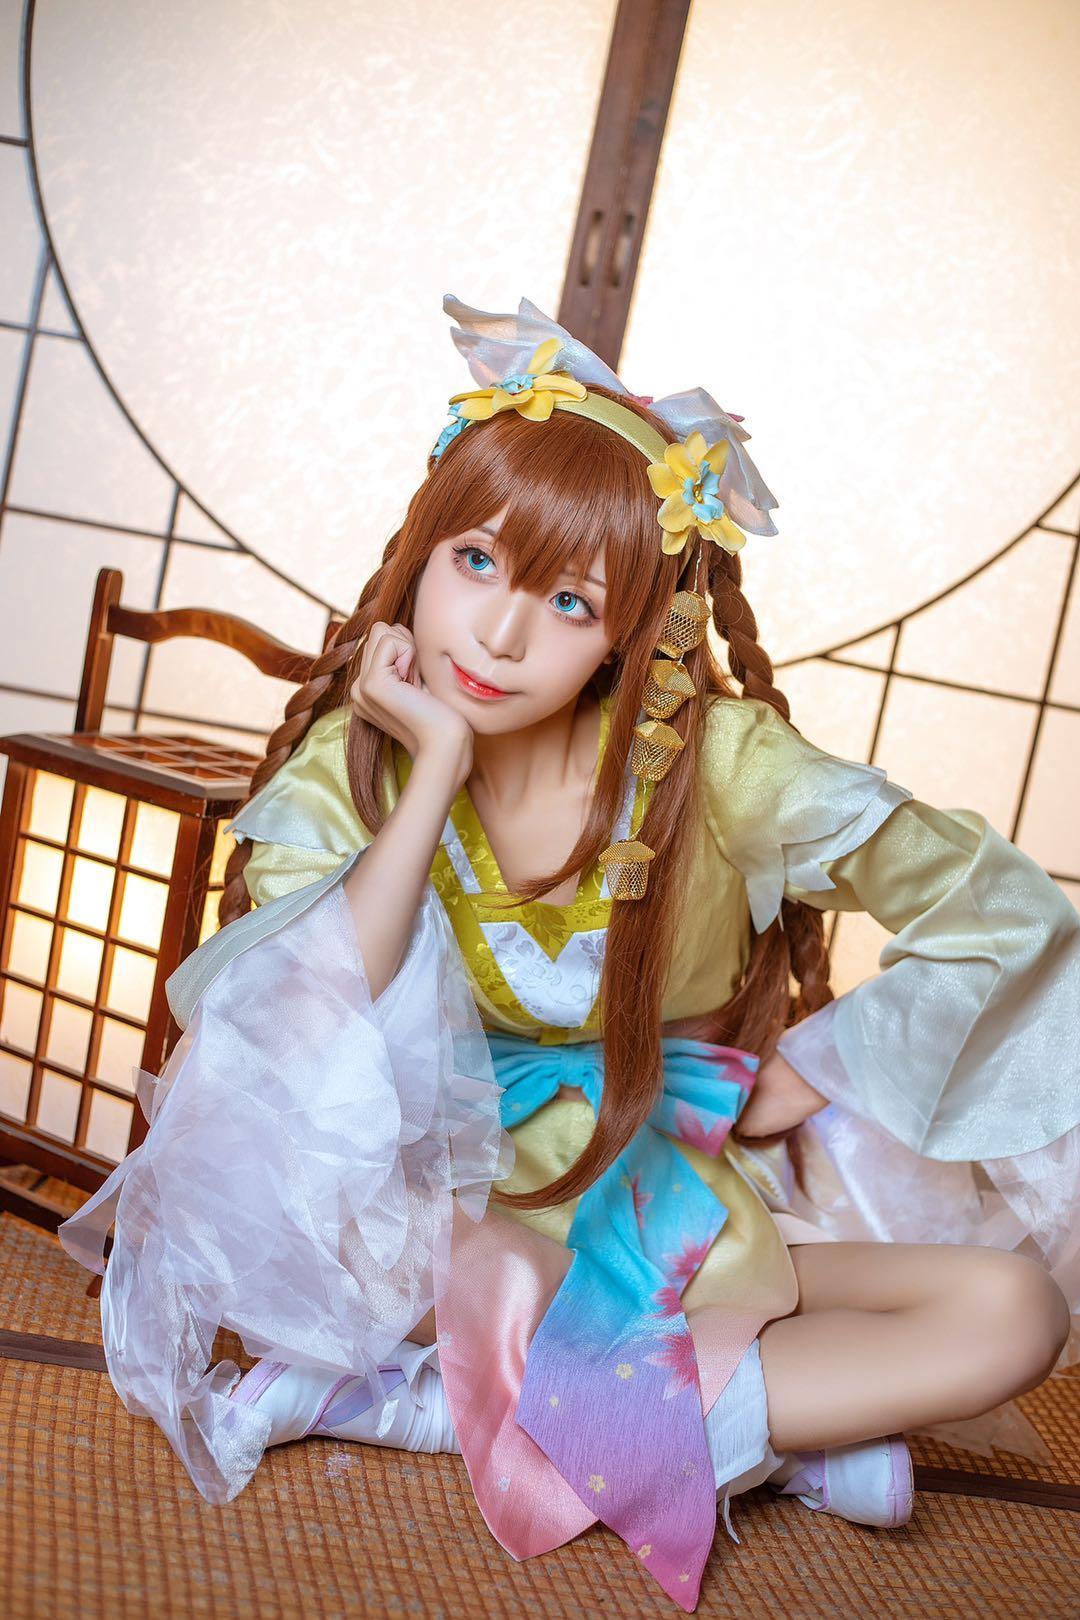 《王者荣耀》正片cosplay【CN:优优的大萝卜】-第6张